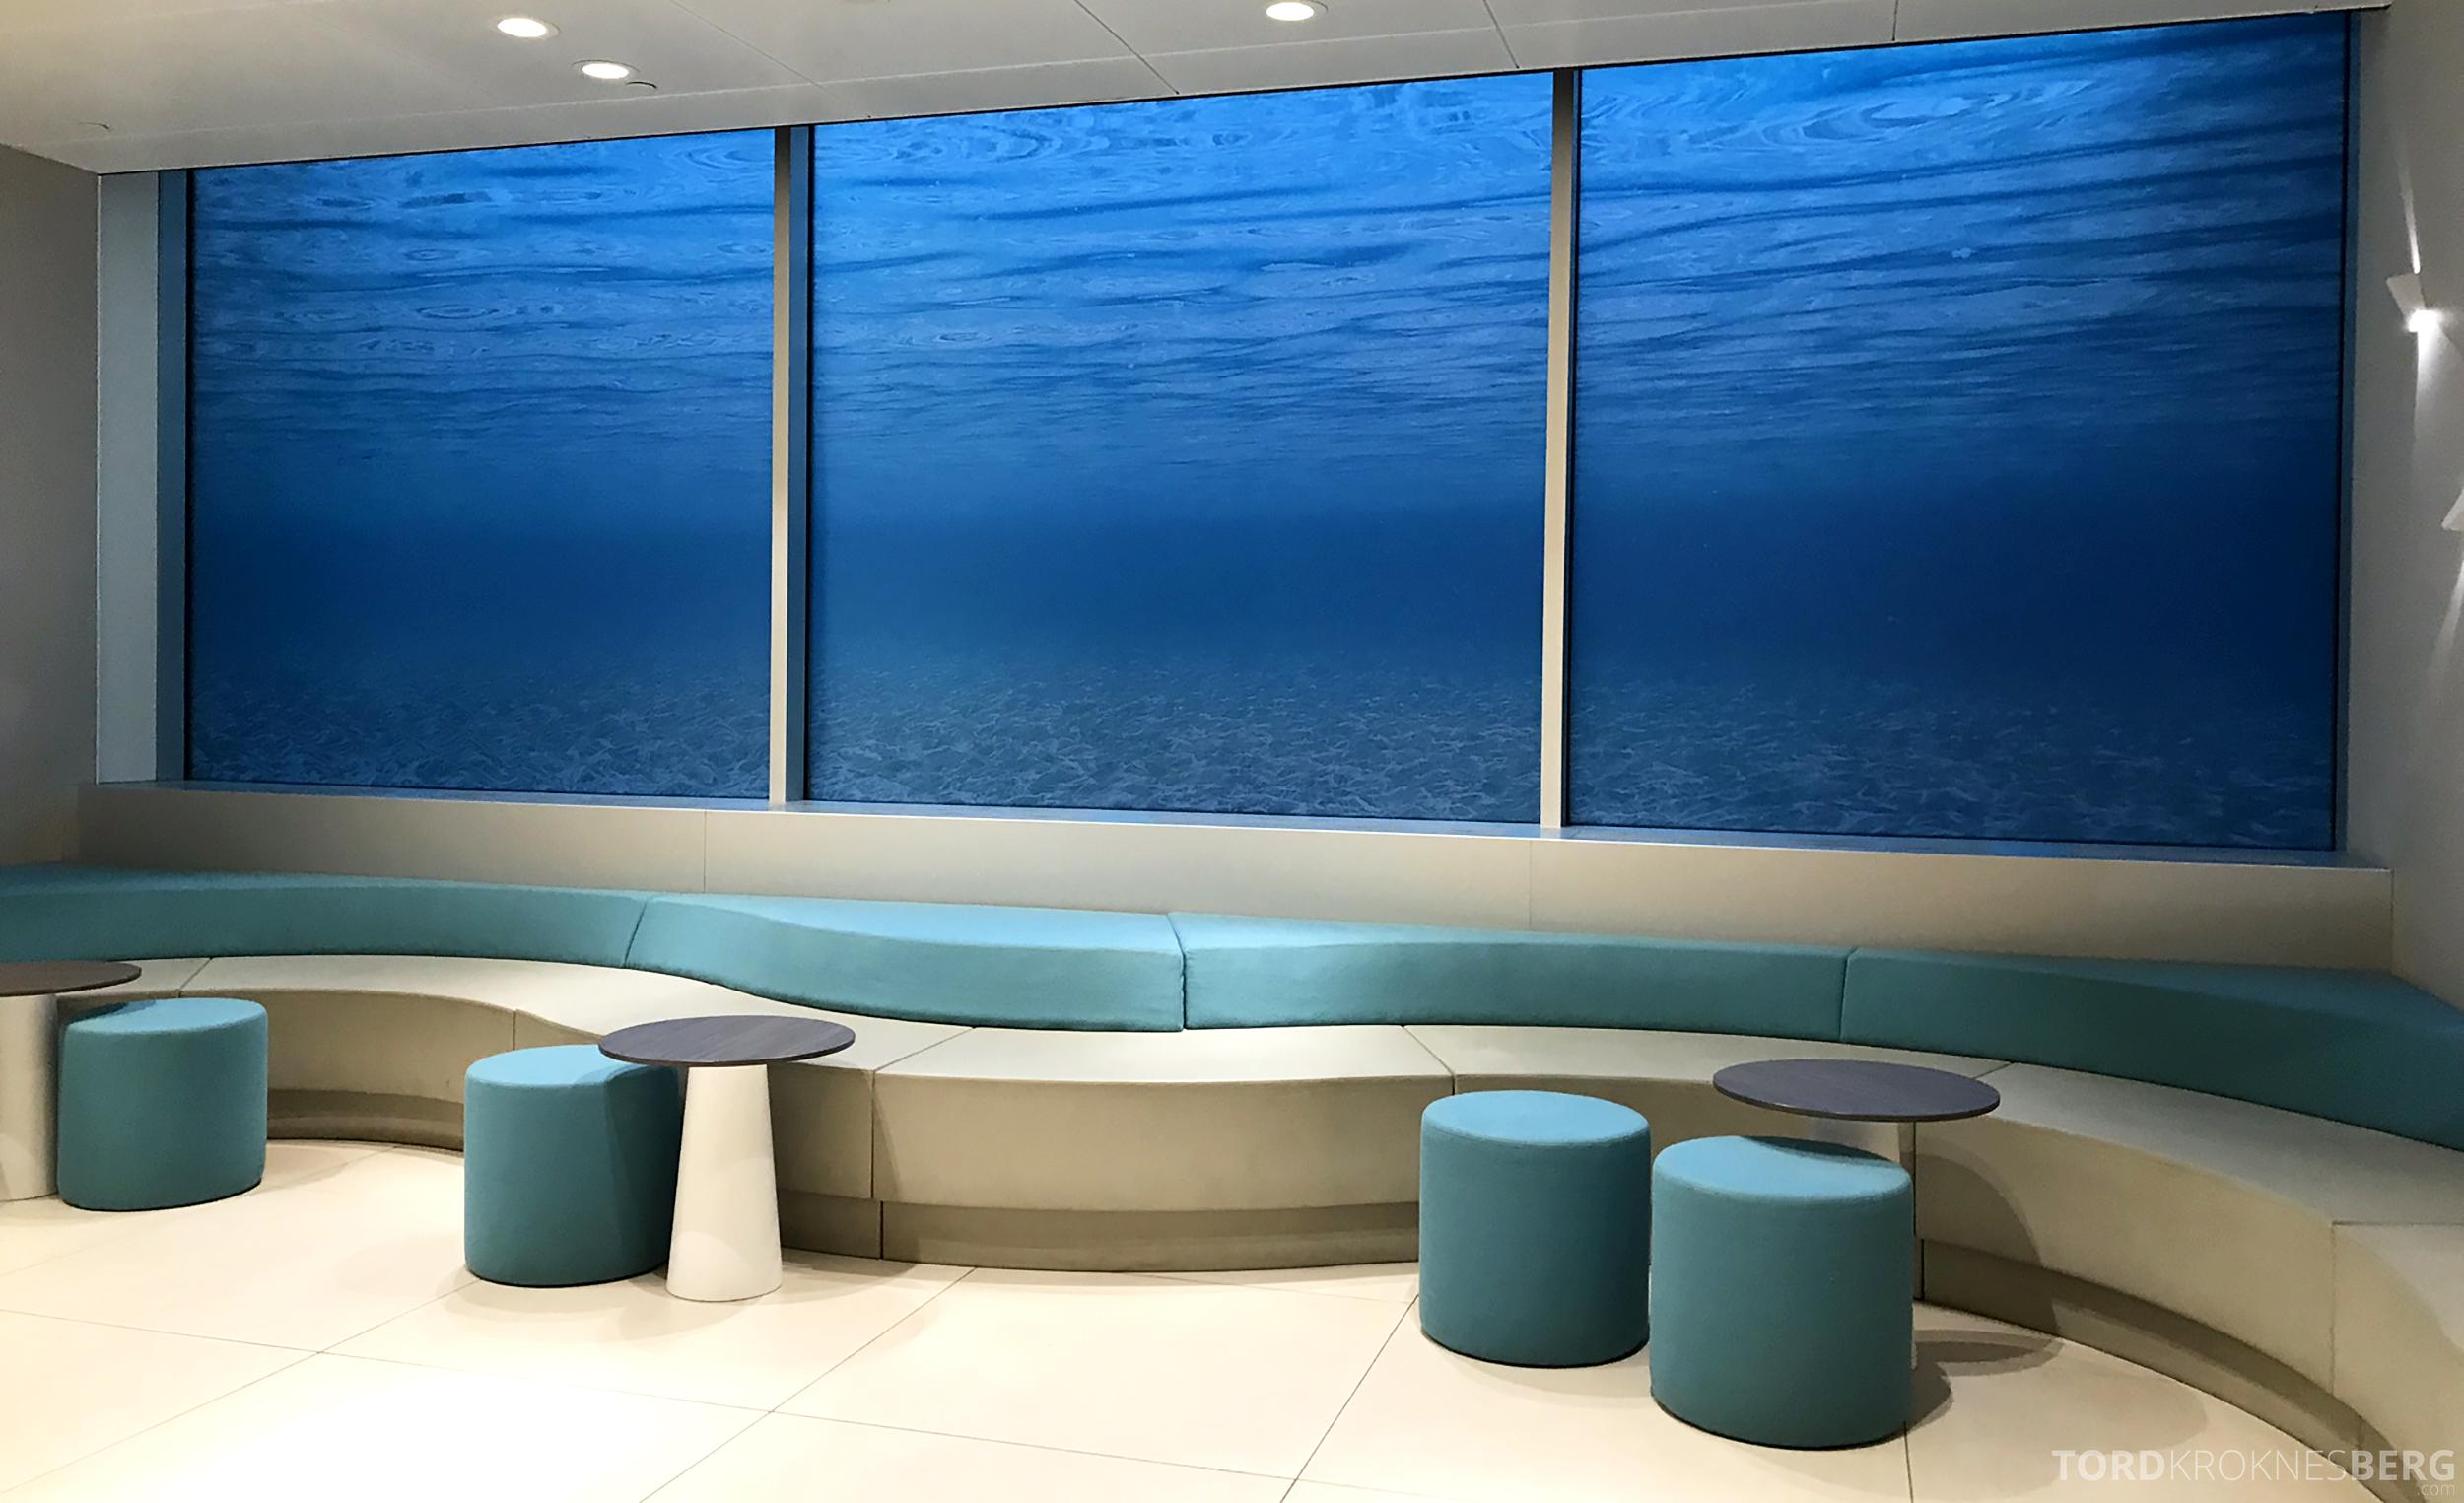 Aspire Lounge Schiphol venteværelse